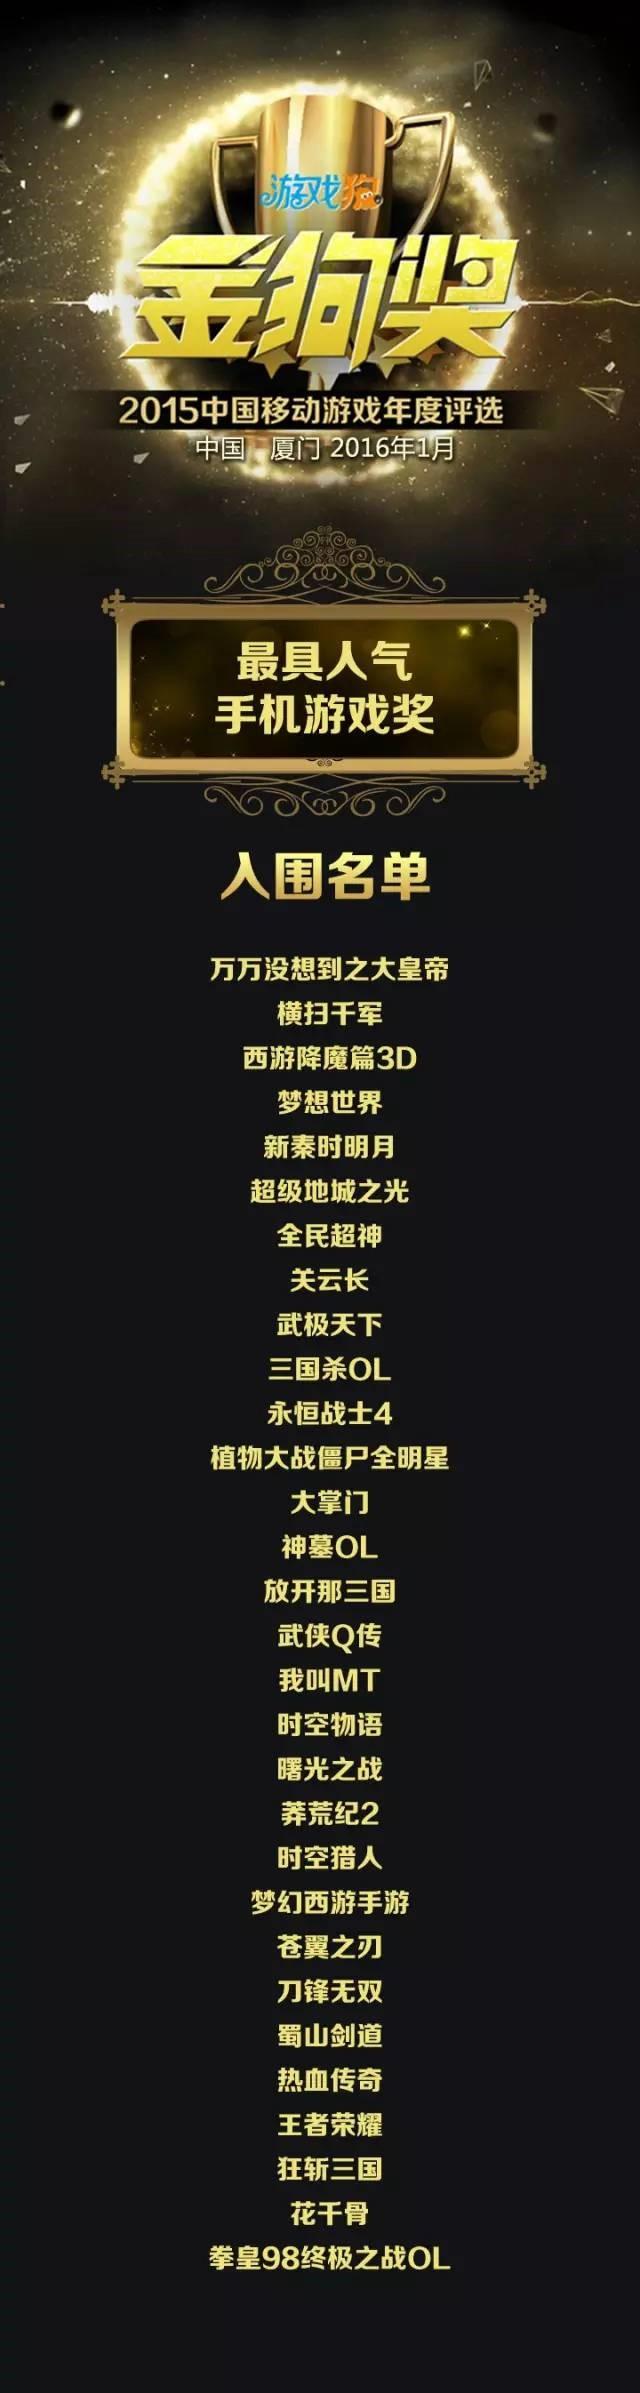 金狗奖2015中国移动游戏年度评选入围名单出炉